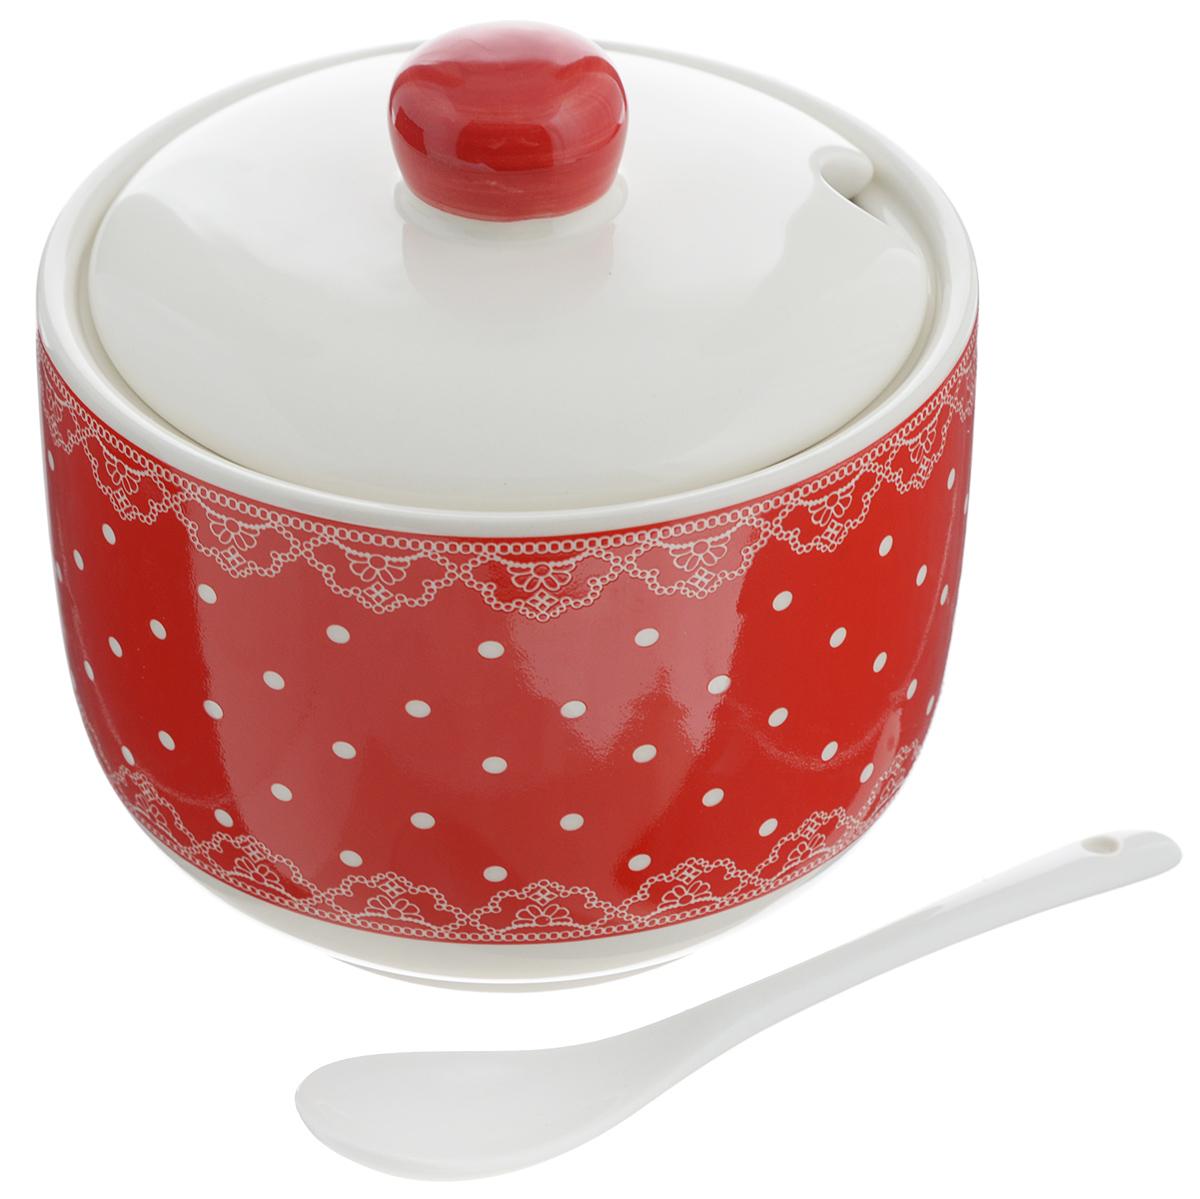 Сахарница Loraine, с ложкой, 520 мл. 2581525815Сахарница Loraine с крышкой и ложкой изготовлена из доломита и украшена ярким узором. Емкость универсальна, подойдет не только для хранения сахара, но и для меда или специй. В крышке предусмотрено отверстие для ложки. Можно мыть в посудомоечной машине. Диаметр сахарницы (по верхнему краю): 11 см. Диаметр основания: 7,5 см. Высота сахарницы (без учета крышки): 8,5 см. Высота сахарницы (с учетом крышки): 11,5 см. Объем сахарницы: 520 мл. Длина ложки: 12,7 см.